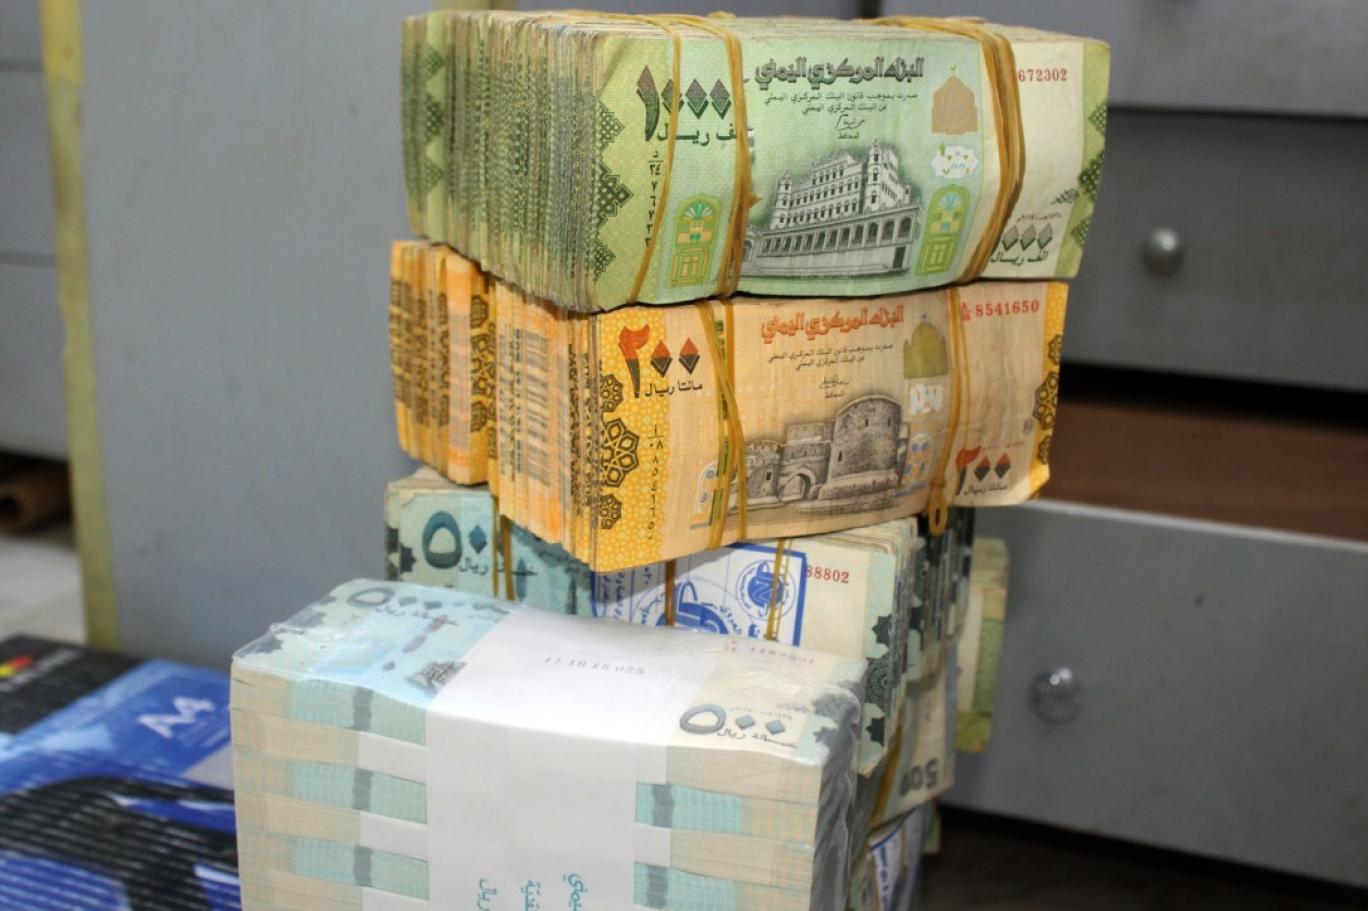 إنهيار الريال اليمني مقابل الدولار و السعودي في بداية تداولات اليوم الأربعاءتعرف على الاسعار!